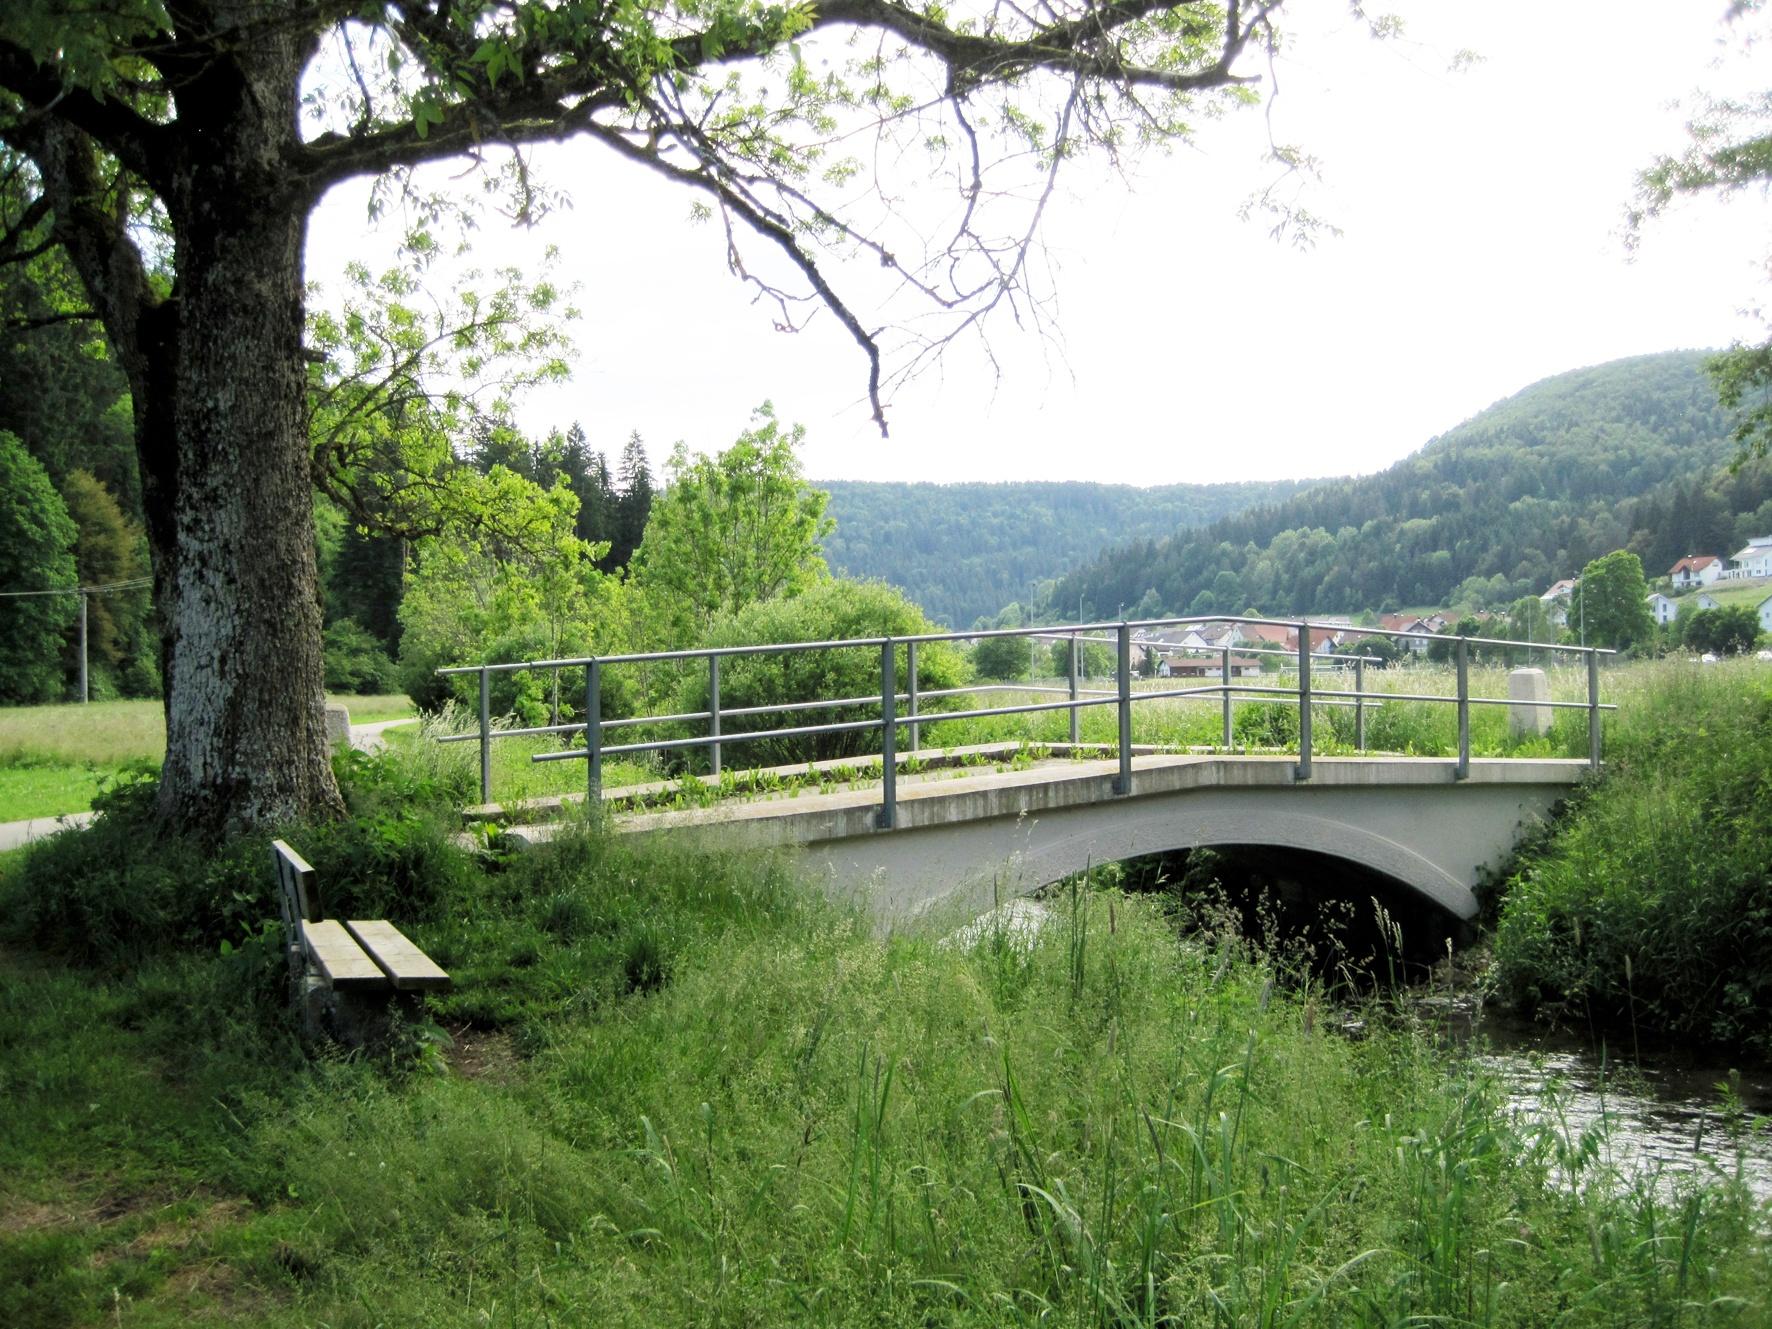 Bäratalweg